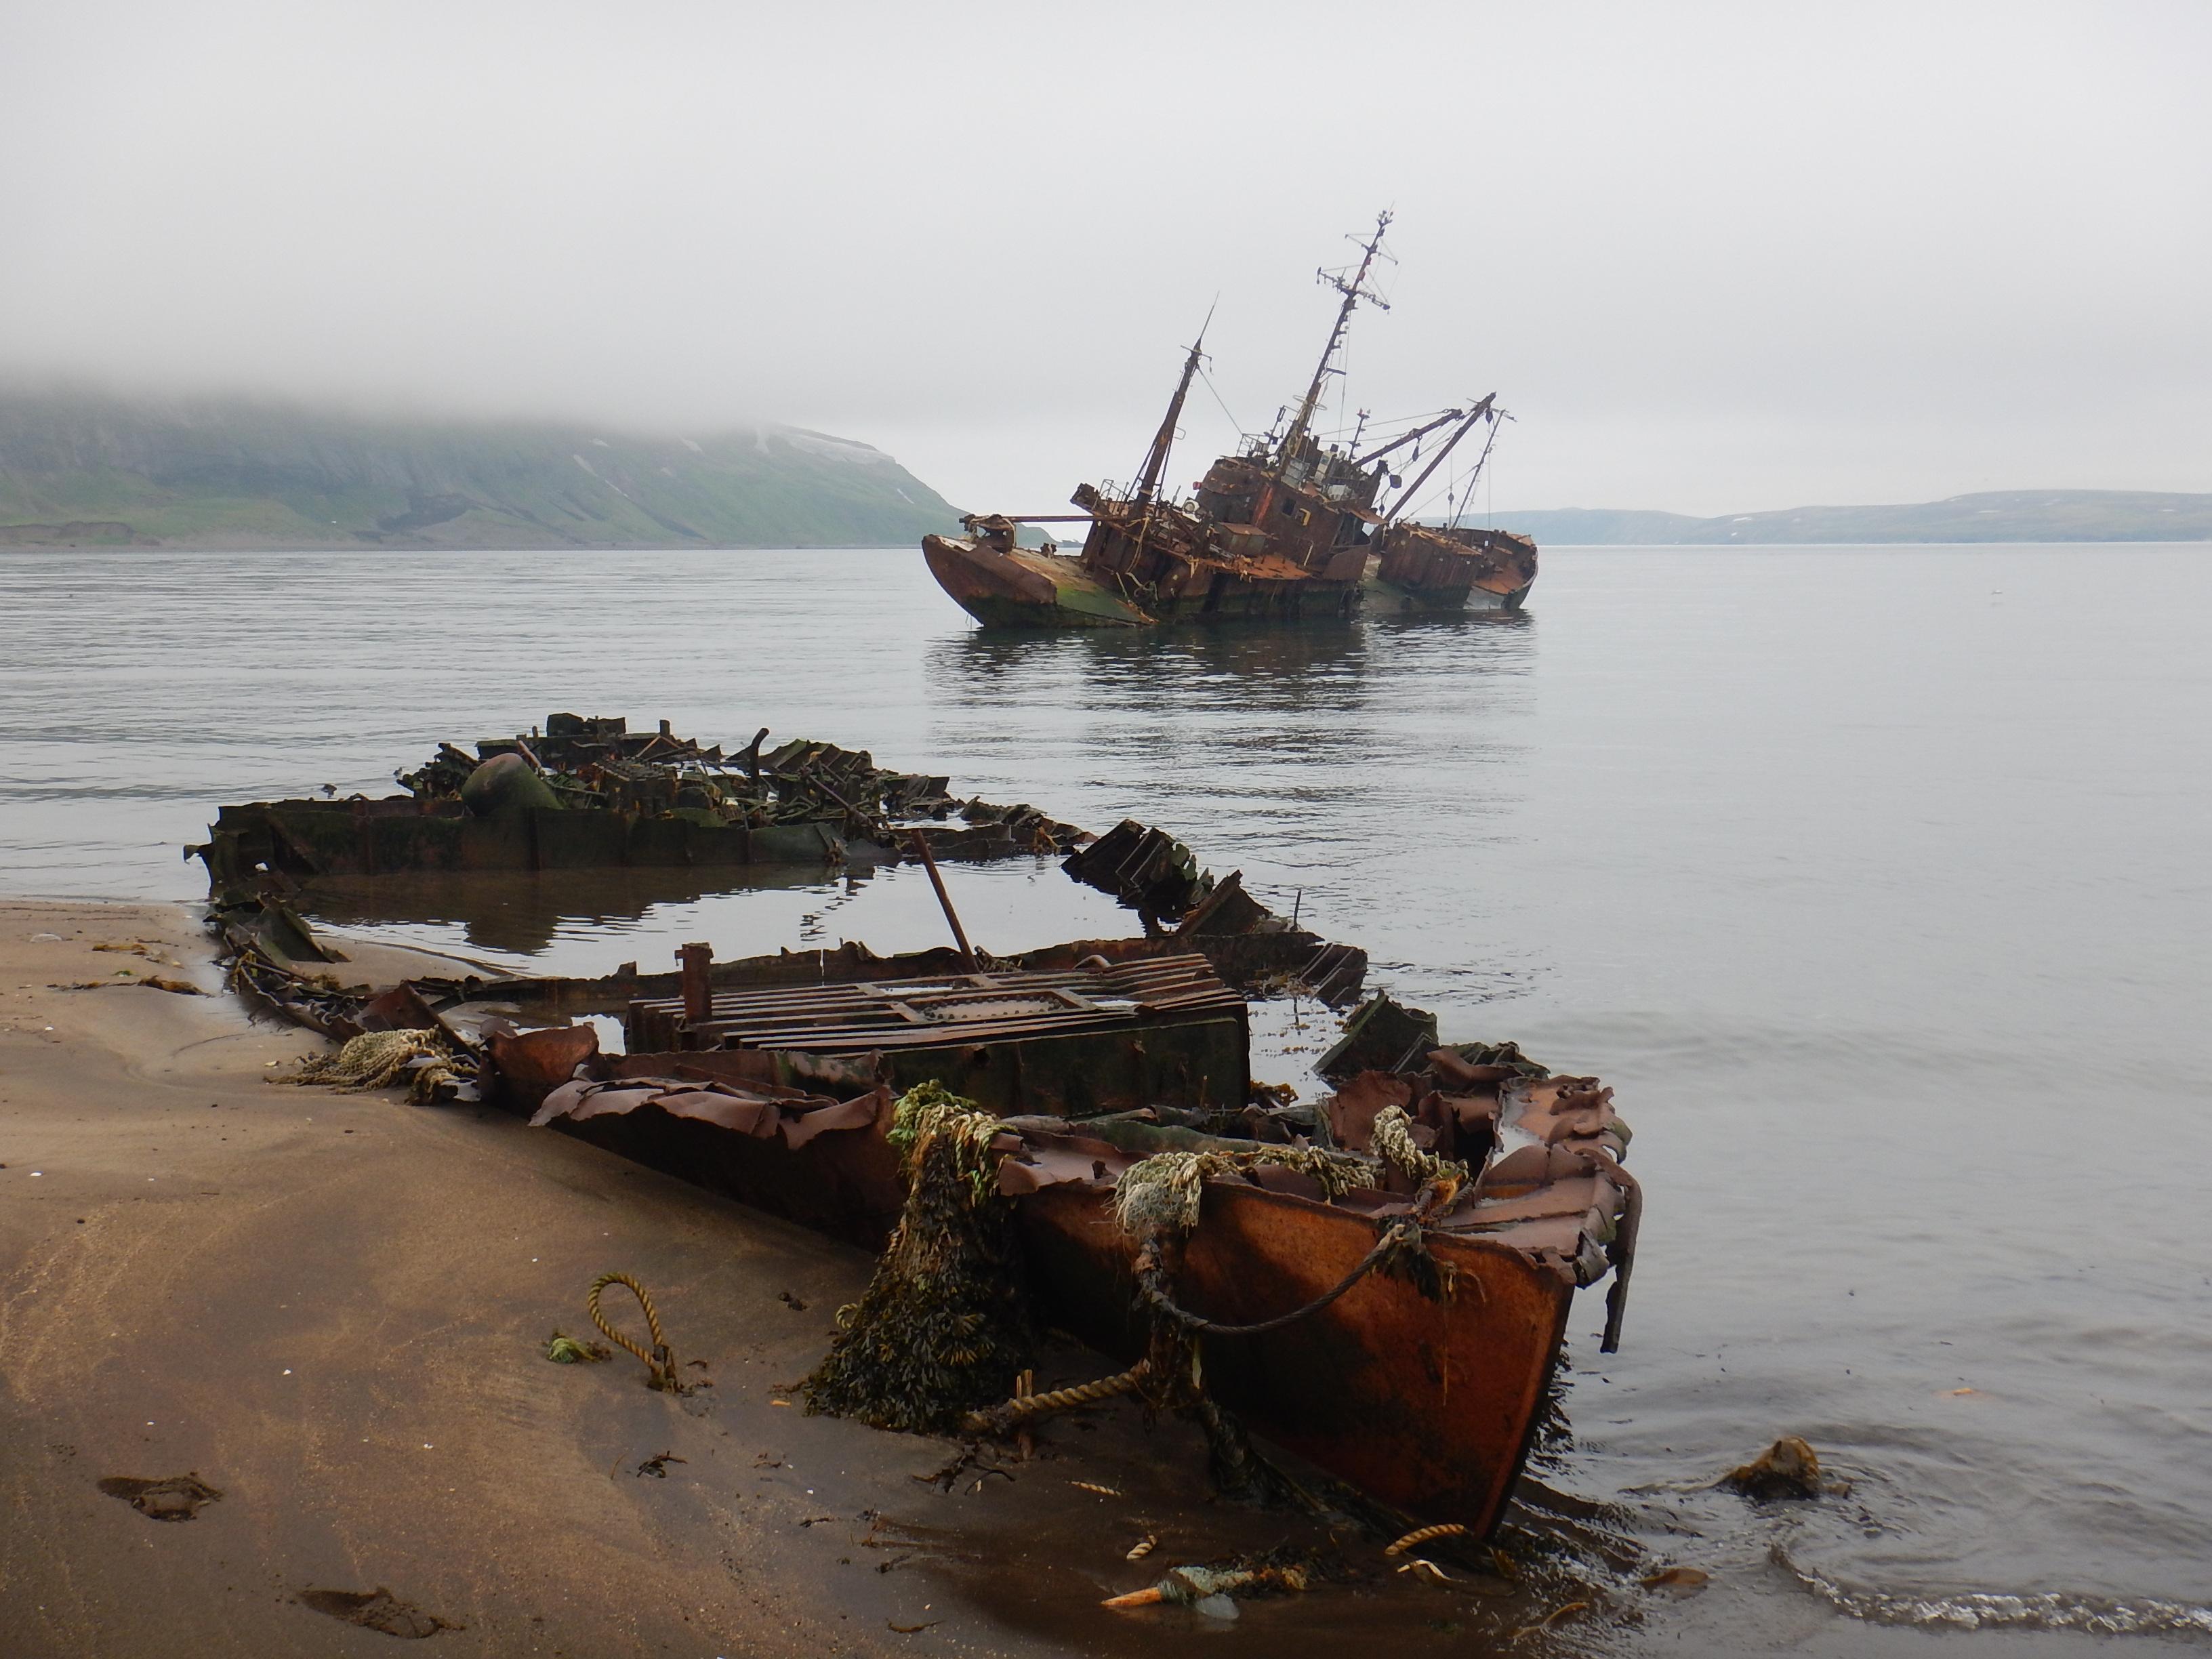 Курилы, остров Парамушир, порт Северо-Курильск, кладбище кораблей